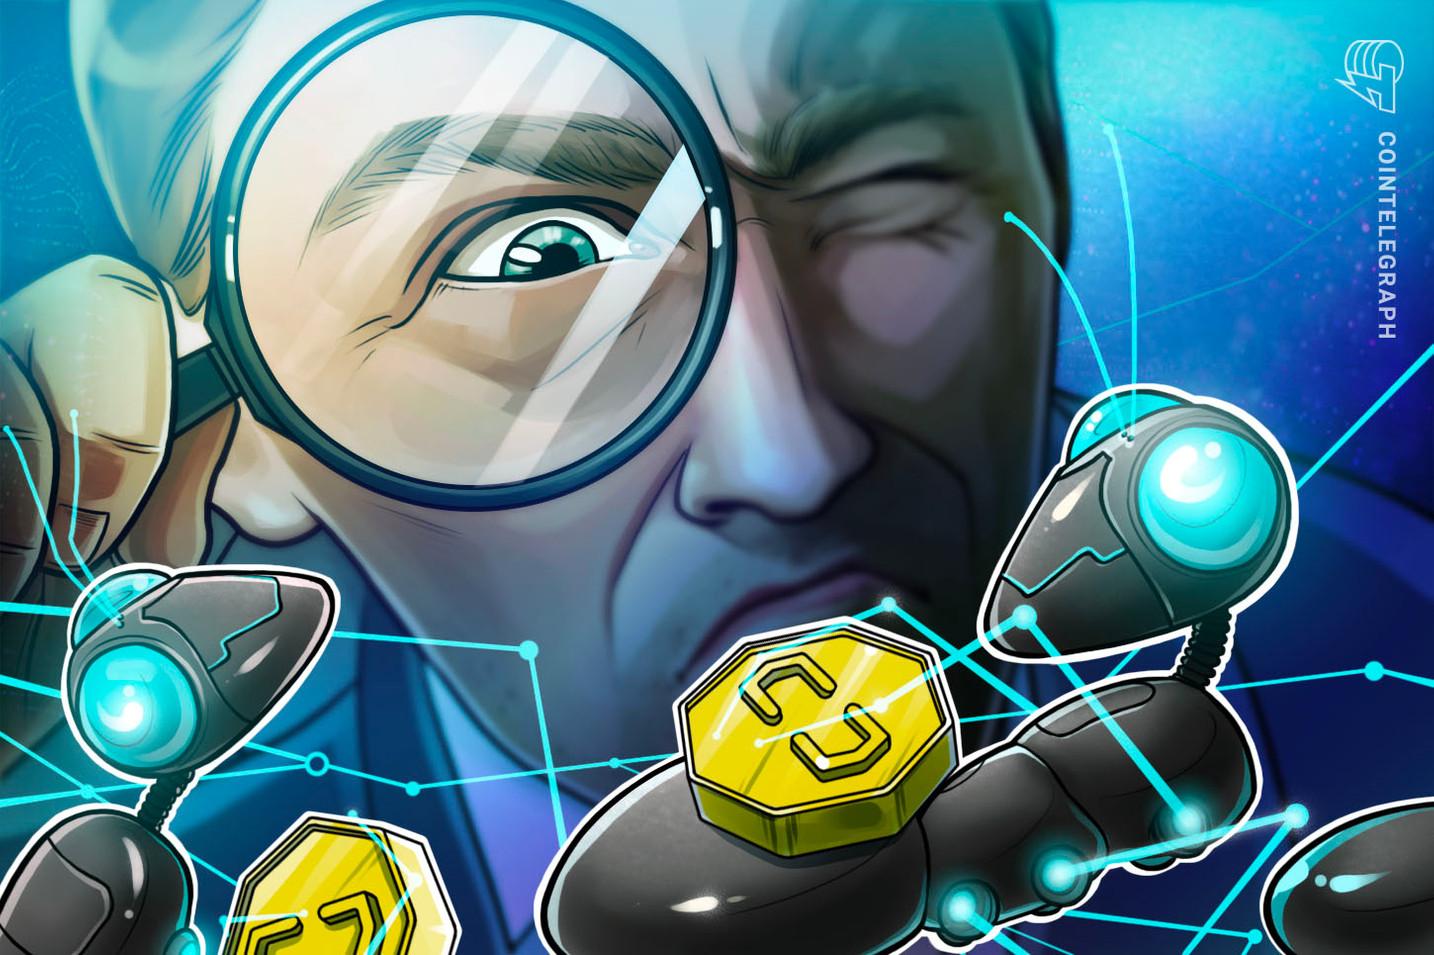 仮想通貨取引所コインフィールド、ブロックチェーン分析のチェイナリシスと提携 マネロン対策強化【ニュース】